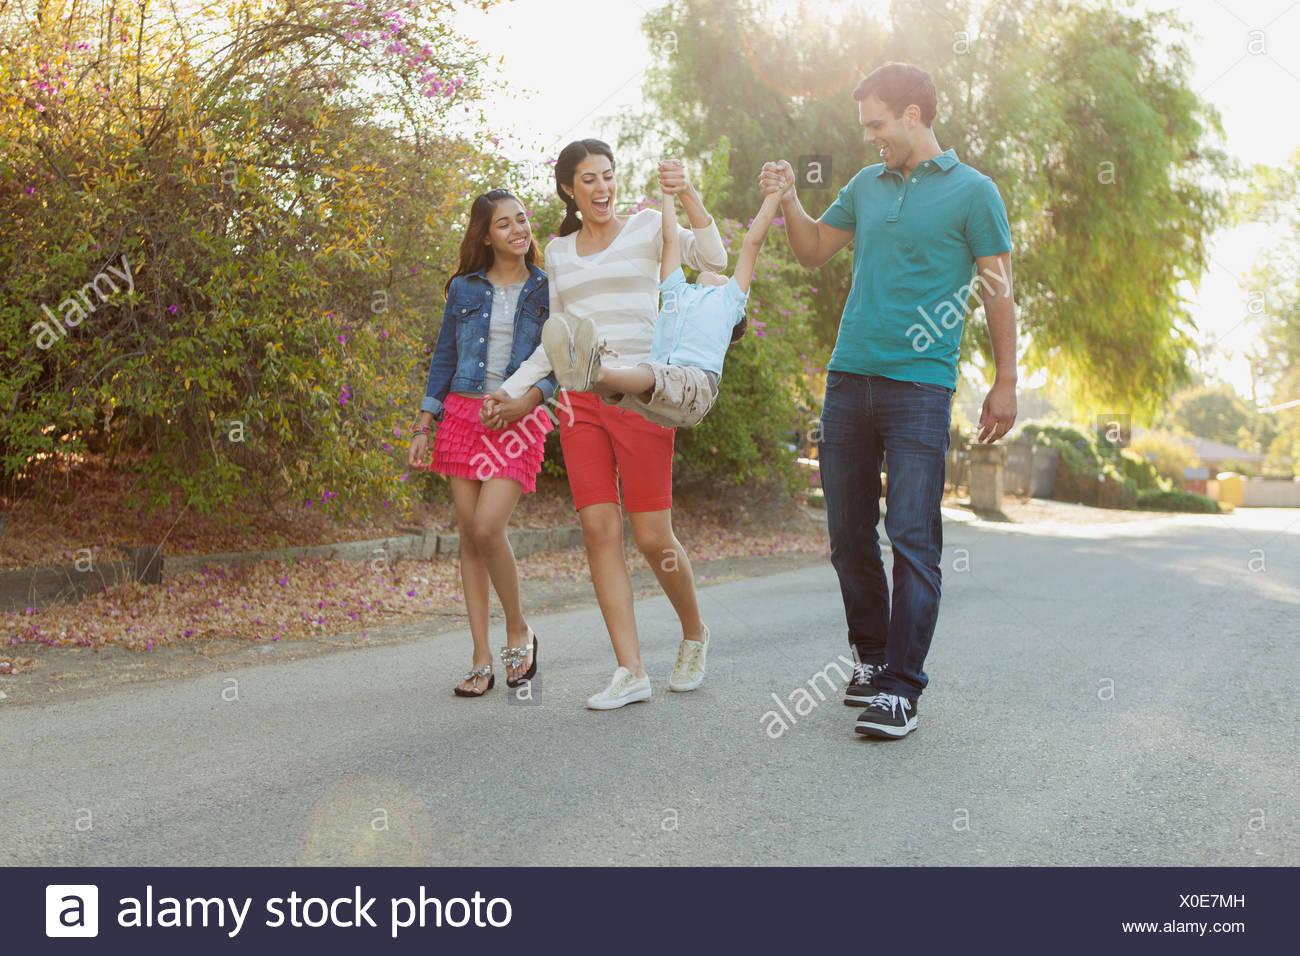 Hijo de padres jóvenes oscilante mientras sale a pasear Imagen De Stock